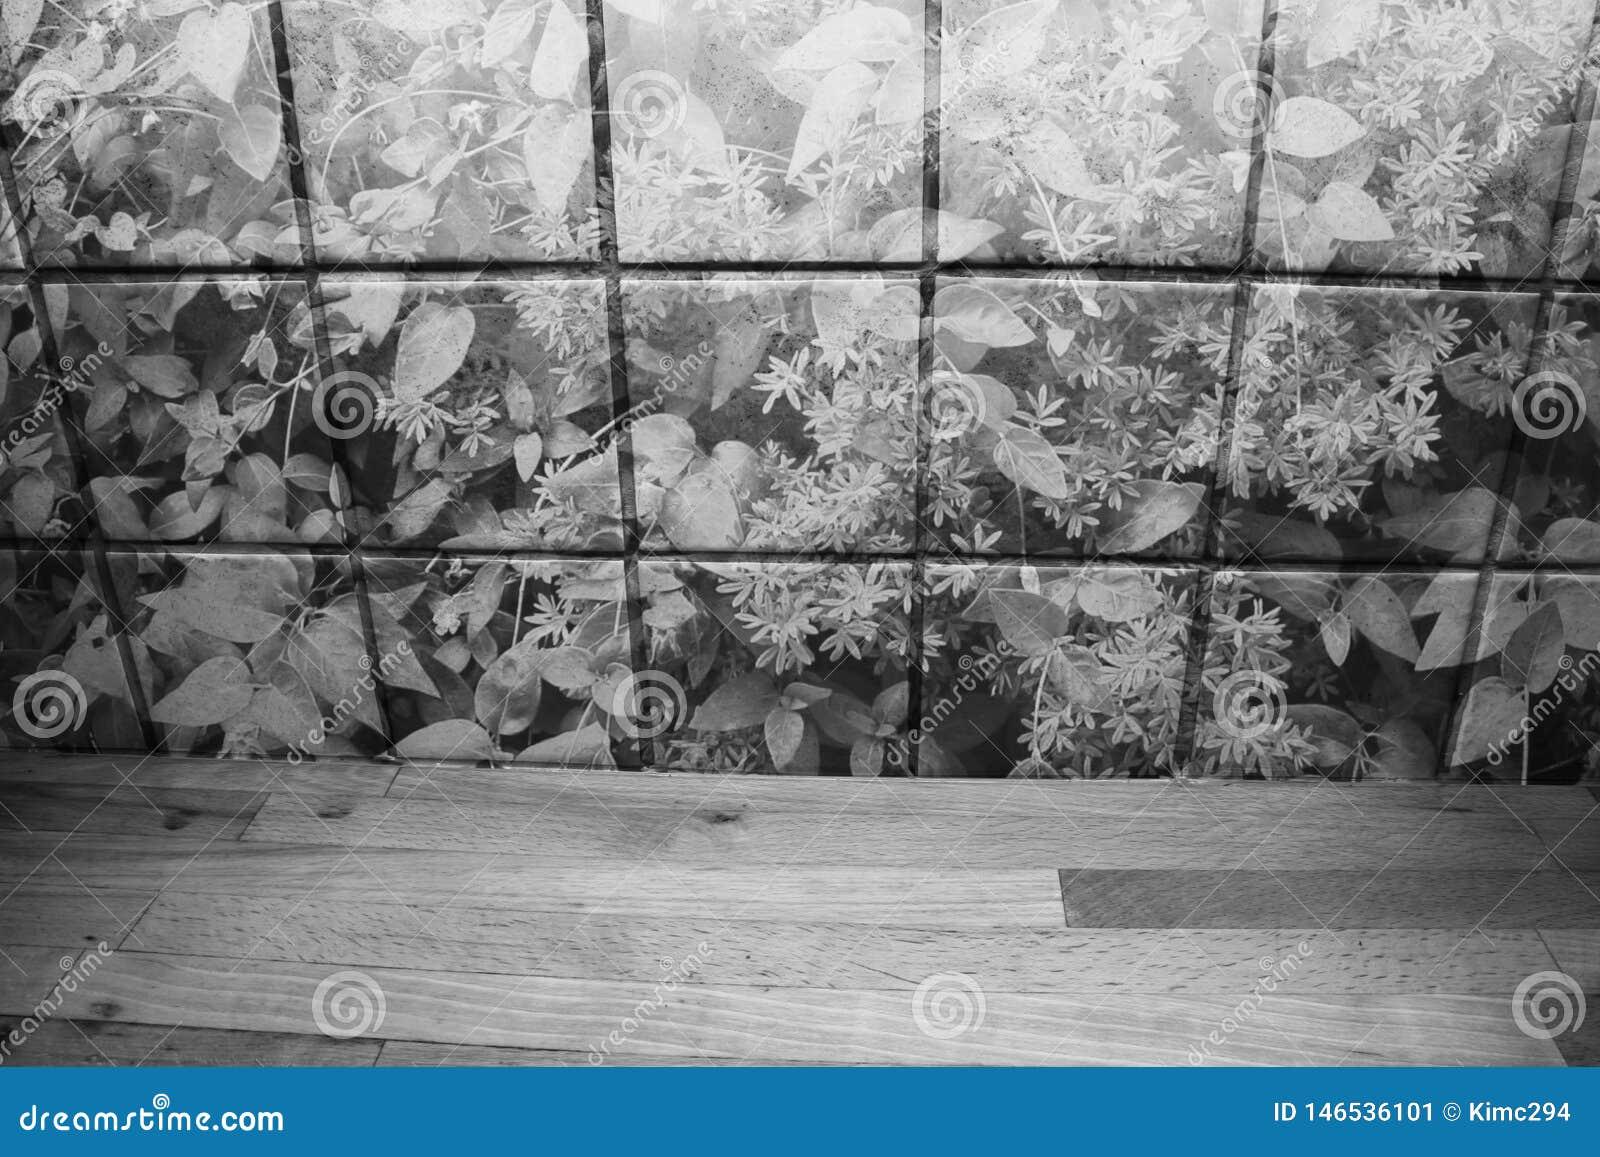 Contatore di cucina di legno davanti al muro di mattoni della cucina con le piante Rebecca 36